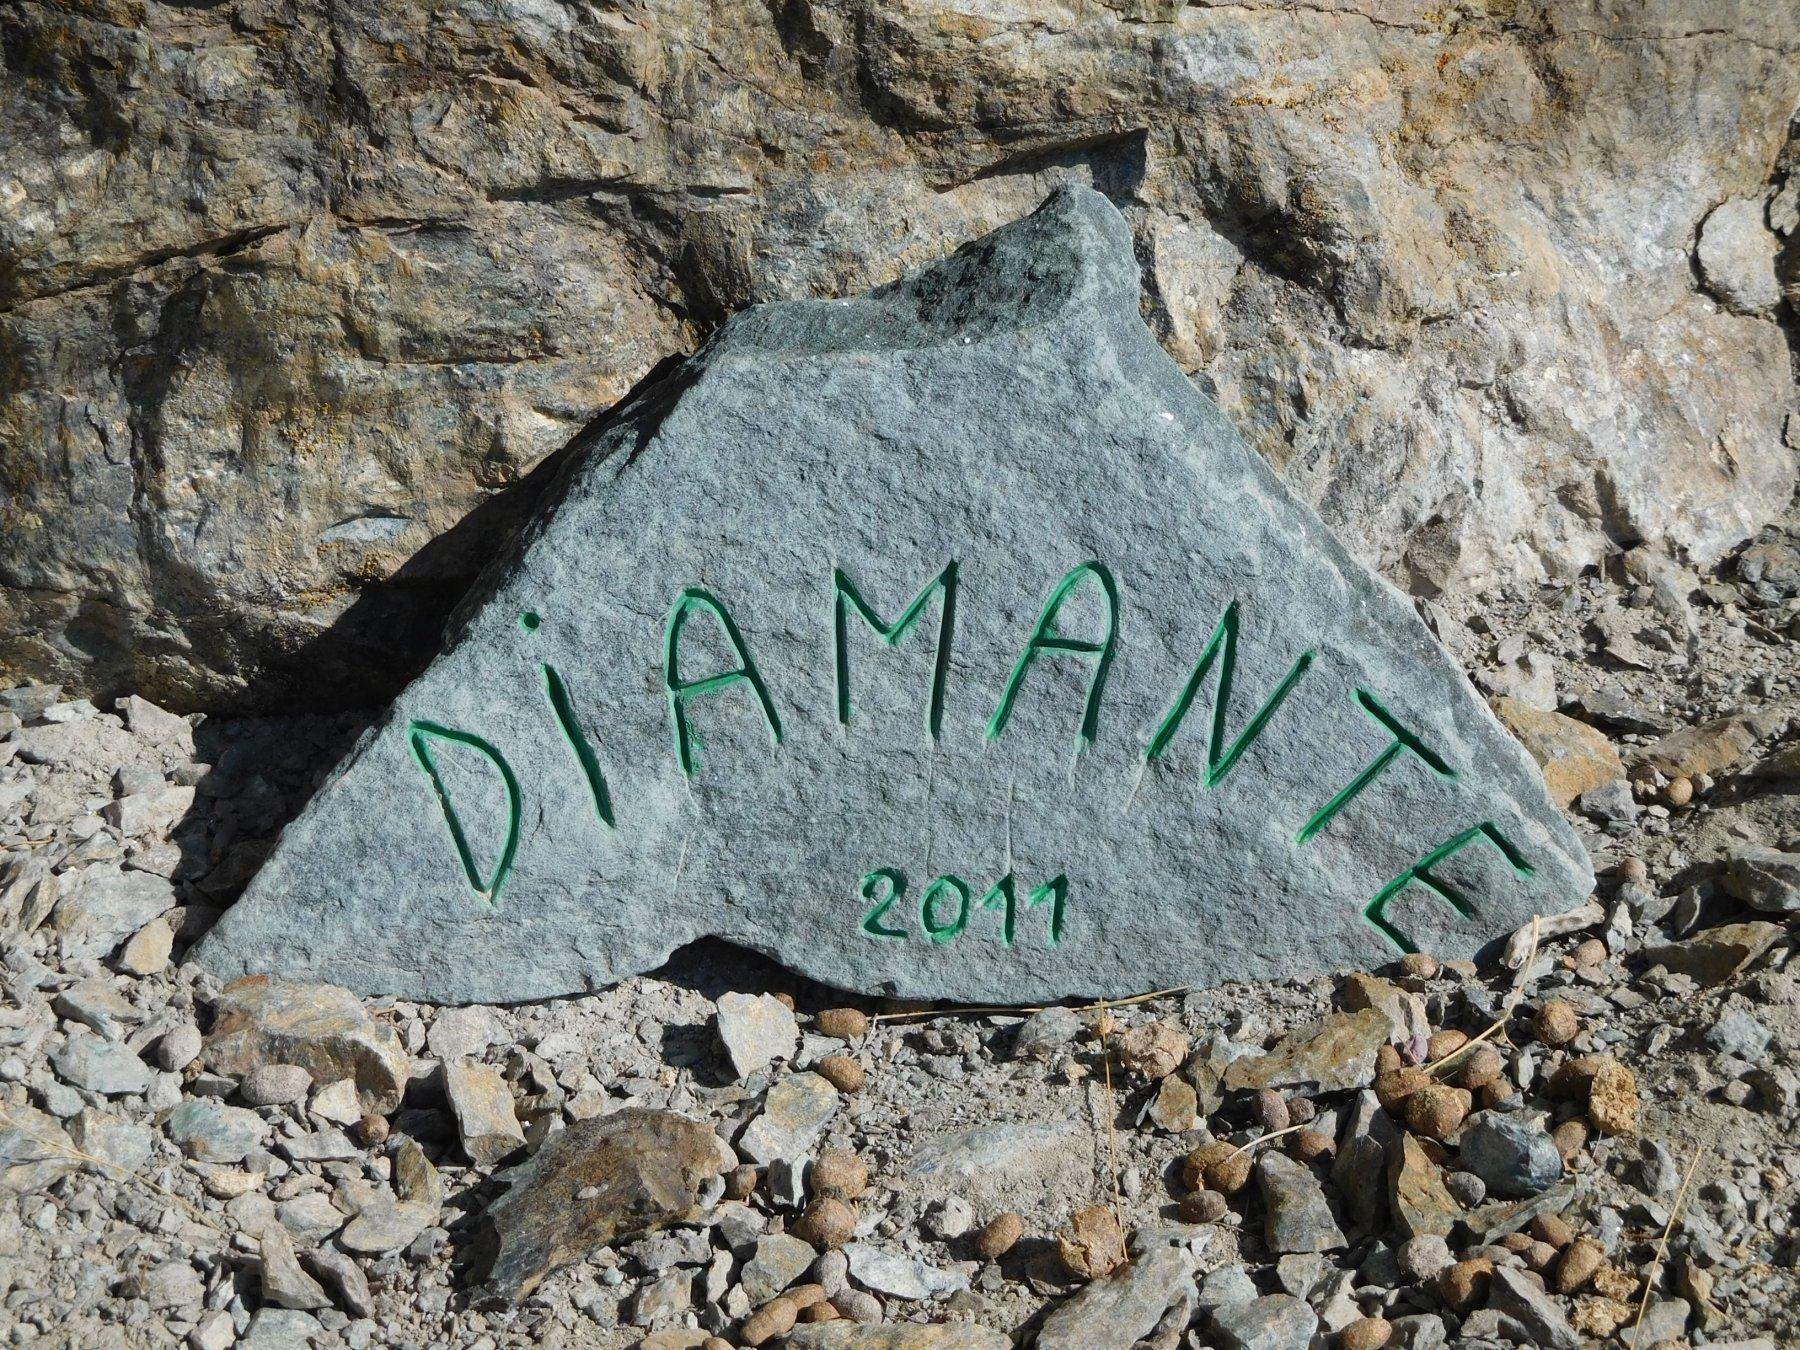 Il sasso con il nome della via